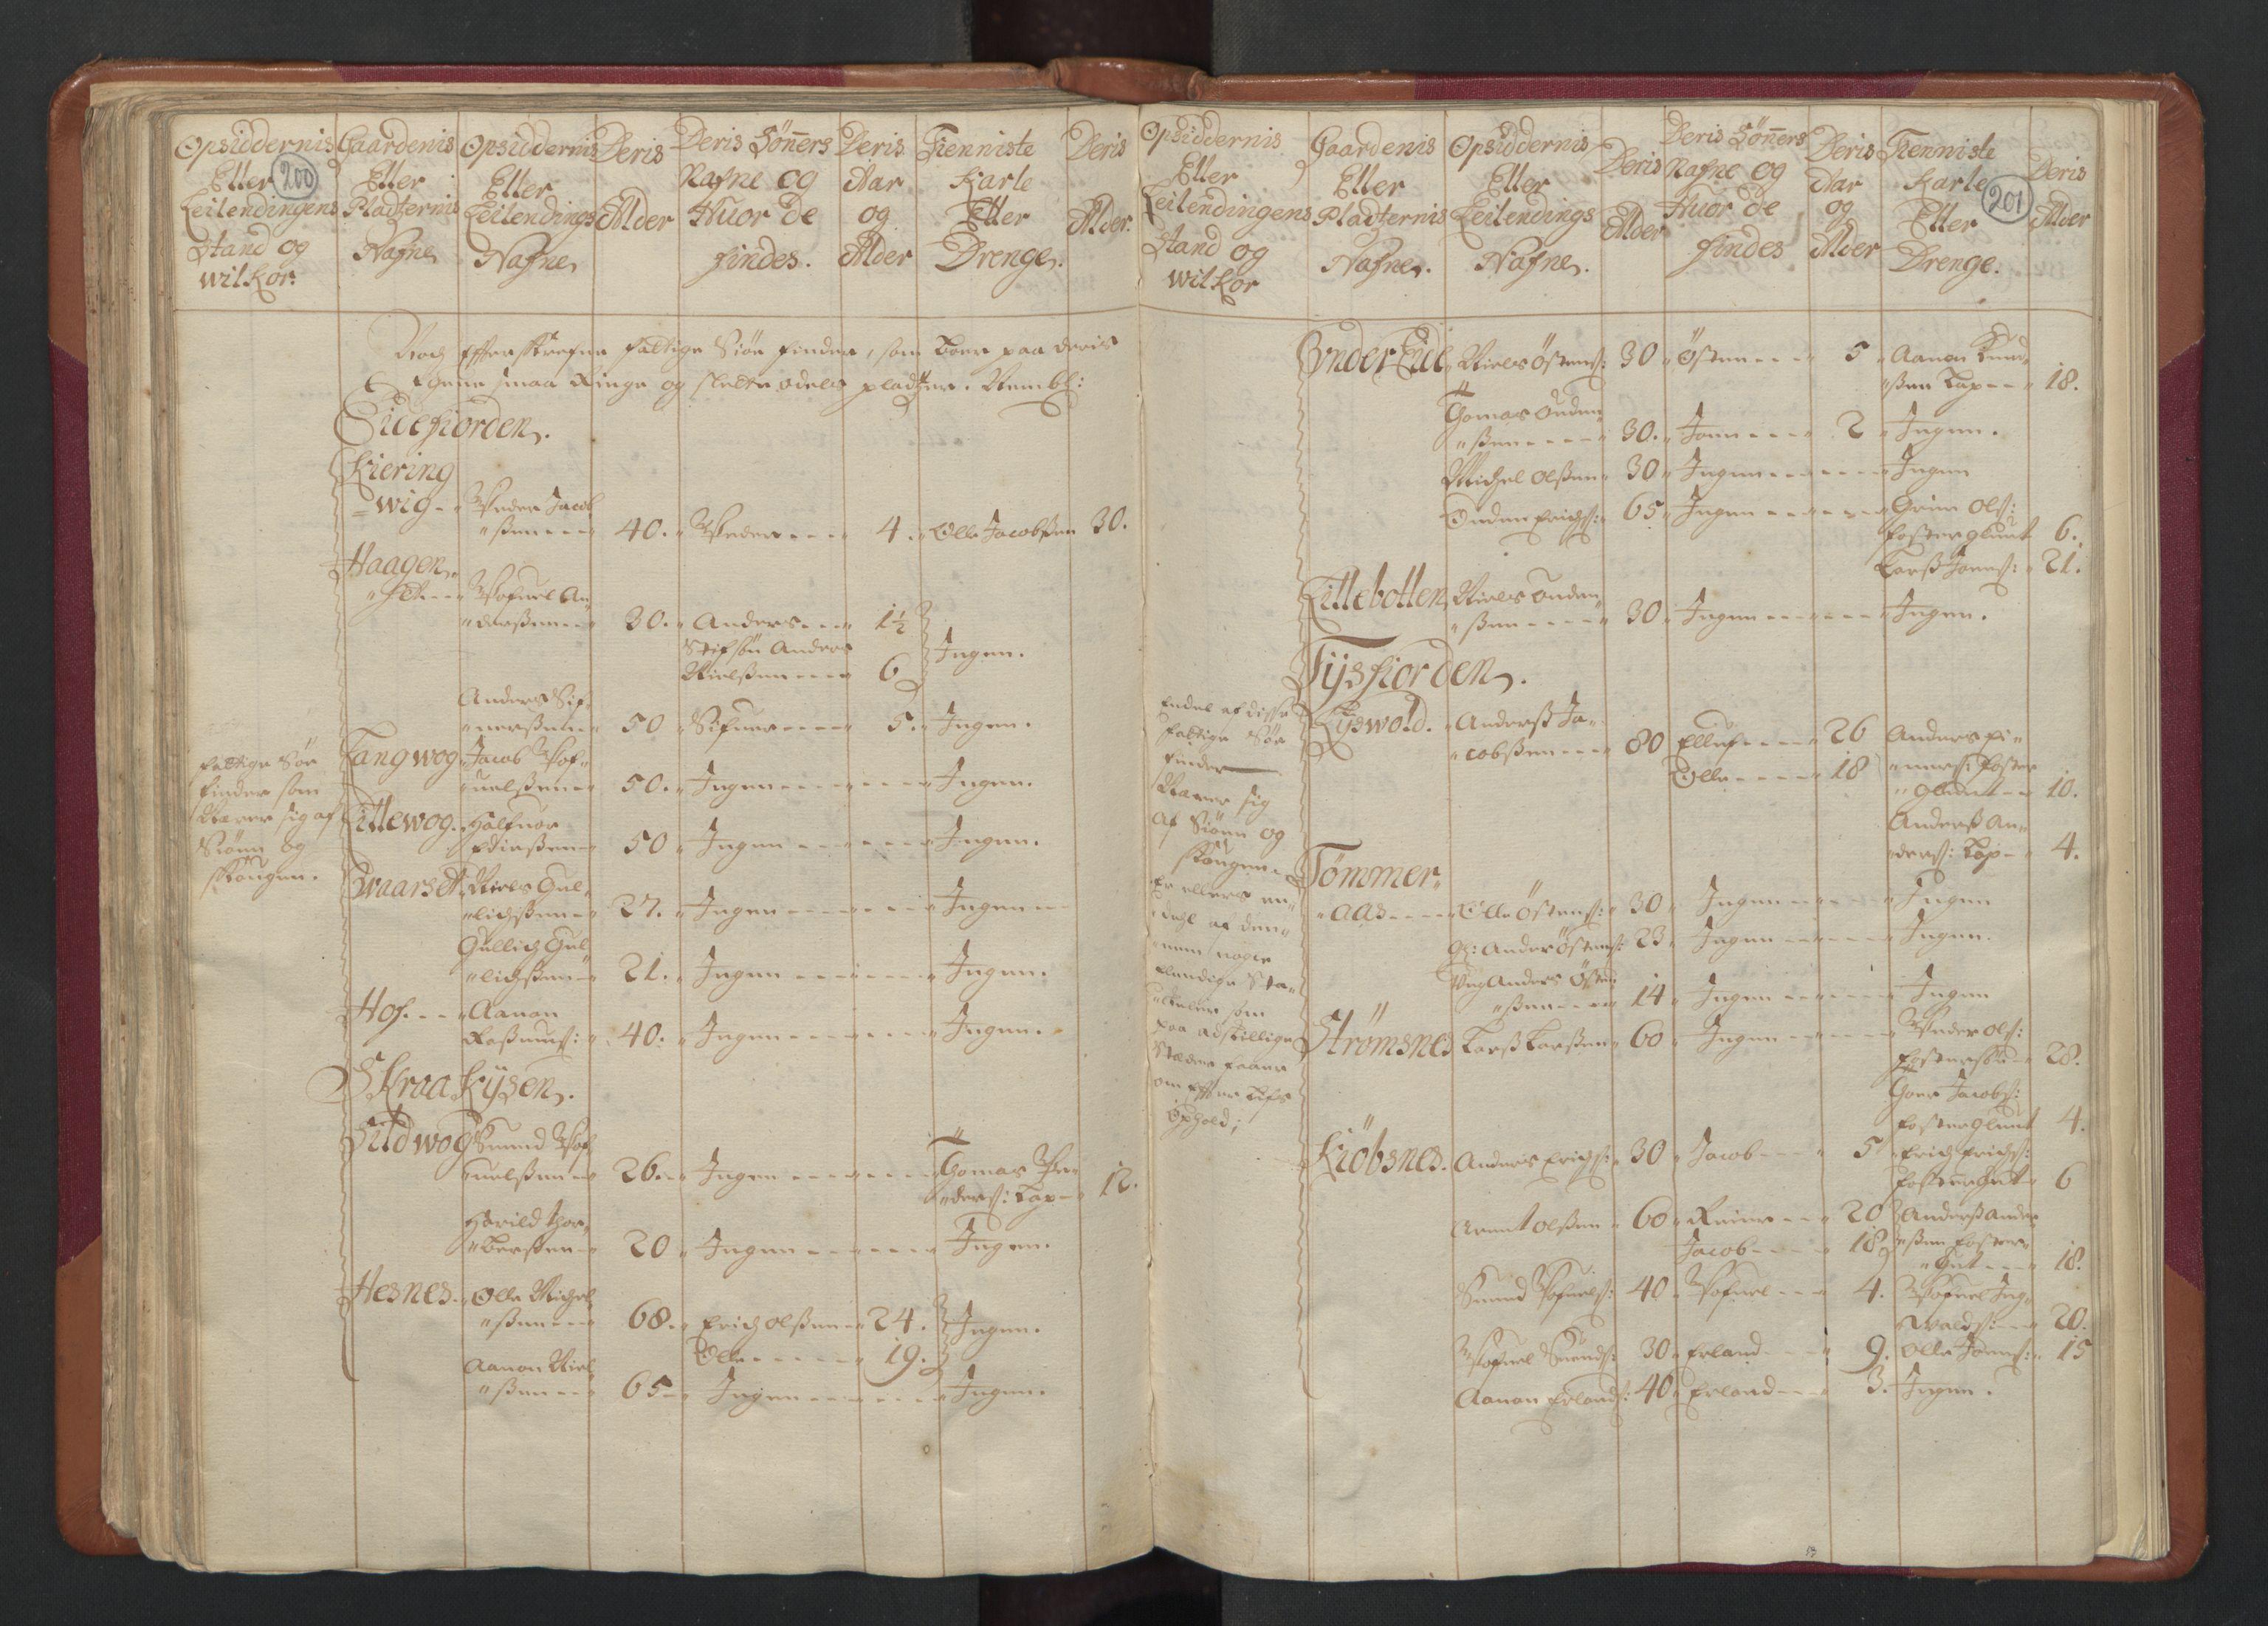 RA, Census (manntall) 1701, no. 17: Salten fogderi, 1701, p. 200-201